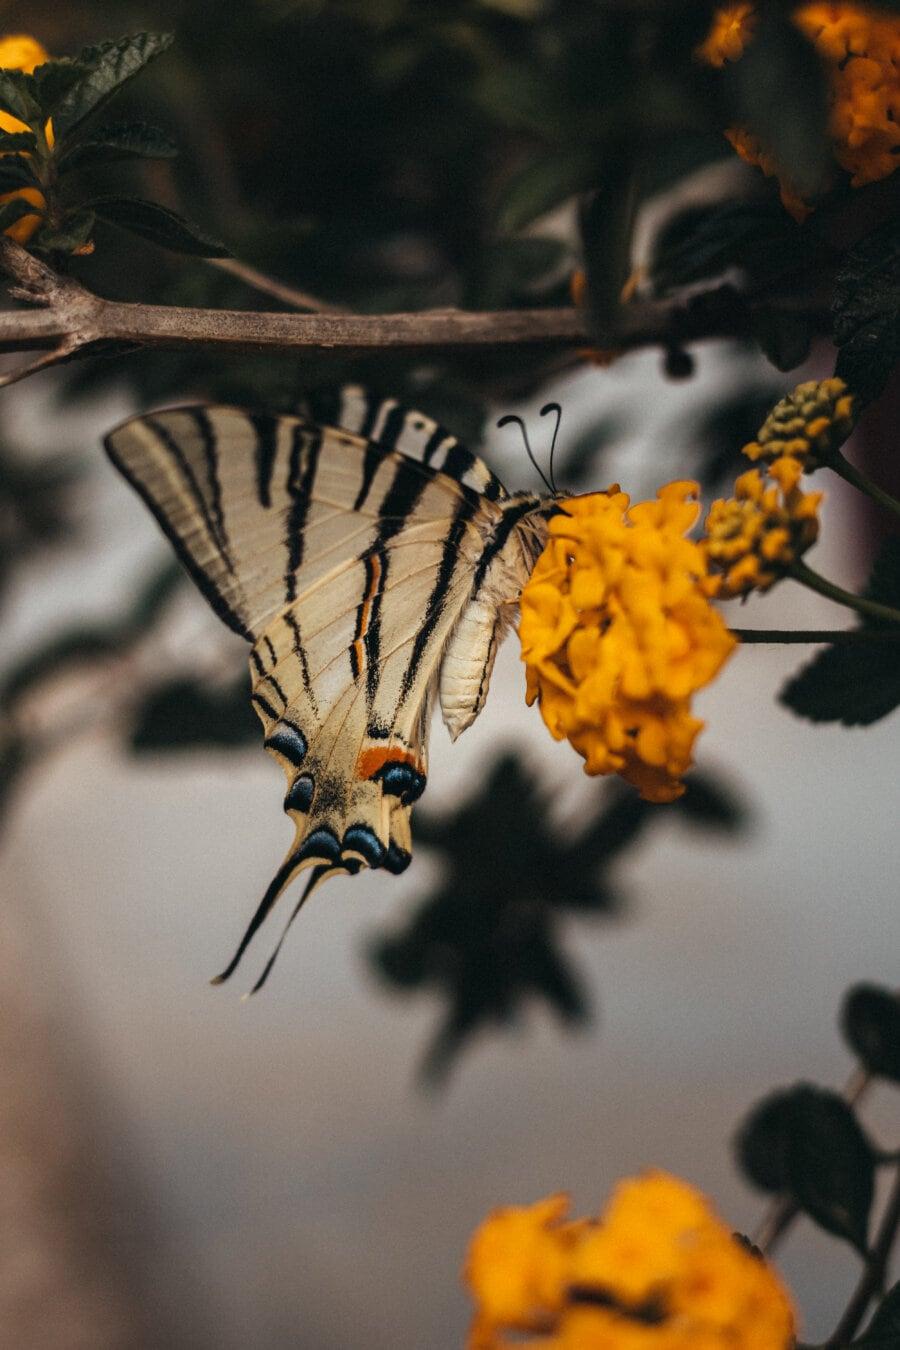 alas, mariposa, colorido, contacto directo, flor de mariposa, insectos, flora y fauna, flor, invertebrado, hoja